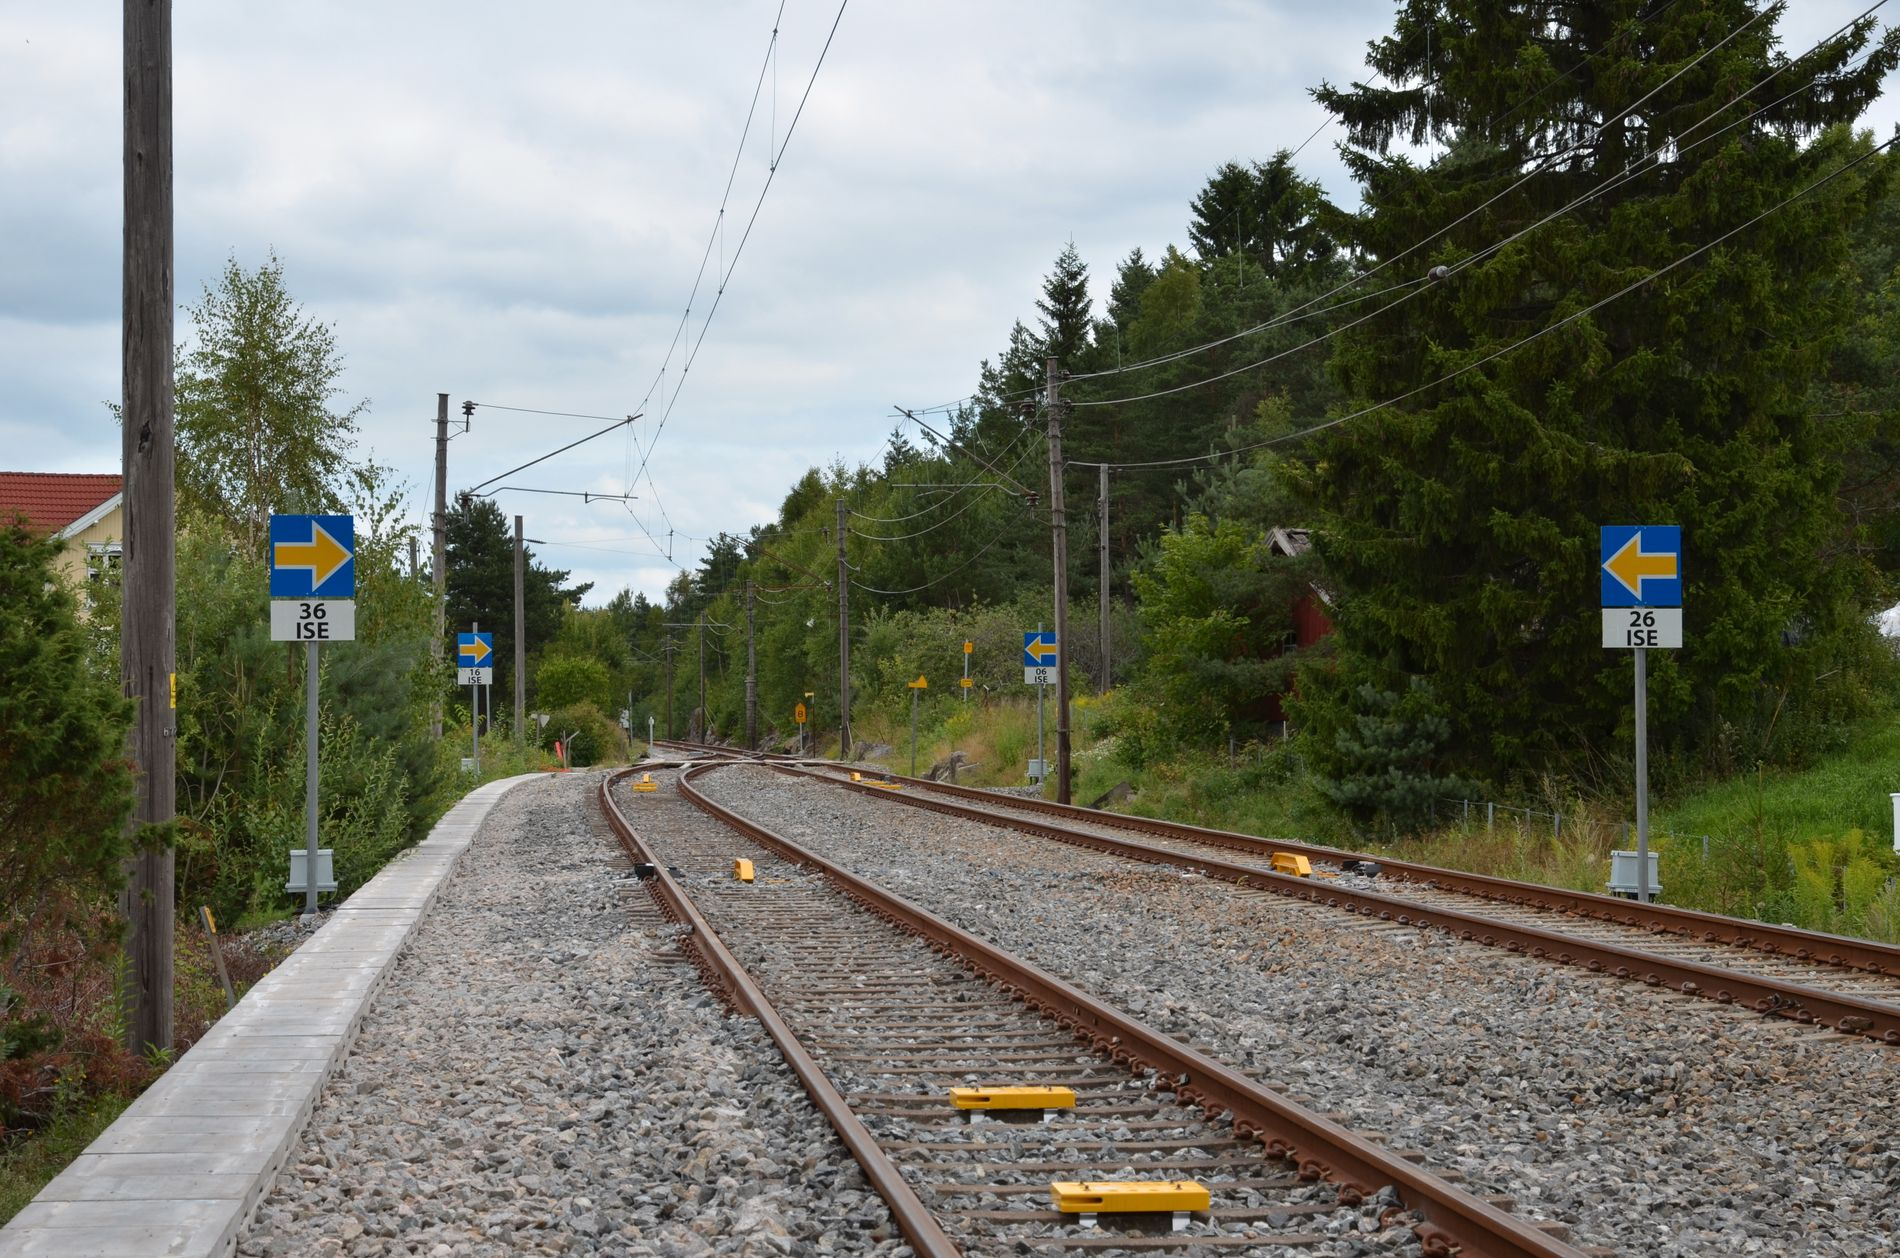 TESTLINJE: Jernbanen ved Ise stasjon på Østfoldbanens østre linje var allerede i 2015 utstyrt med ERTMS for å teste ut systemet.